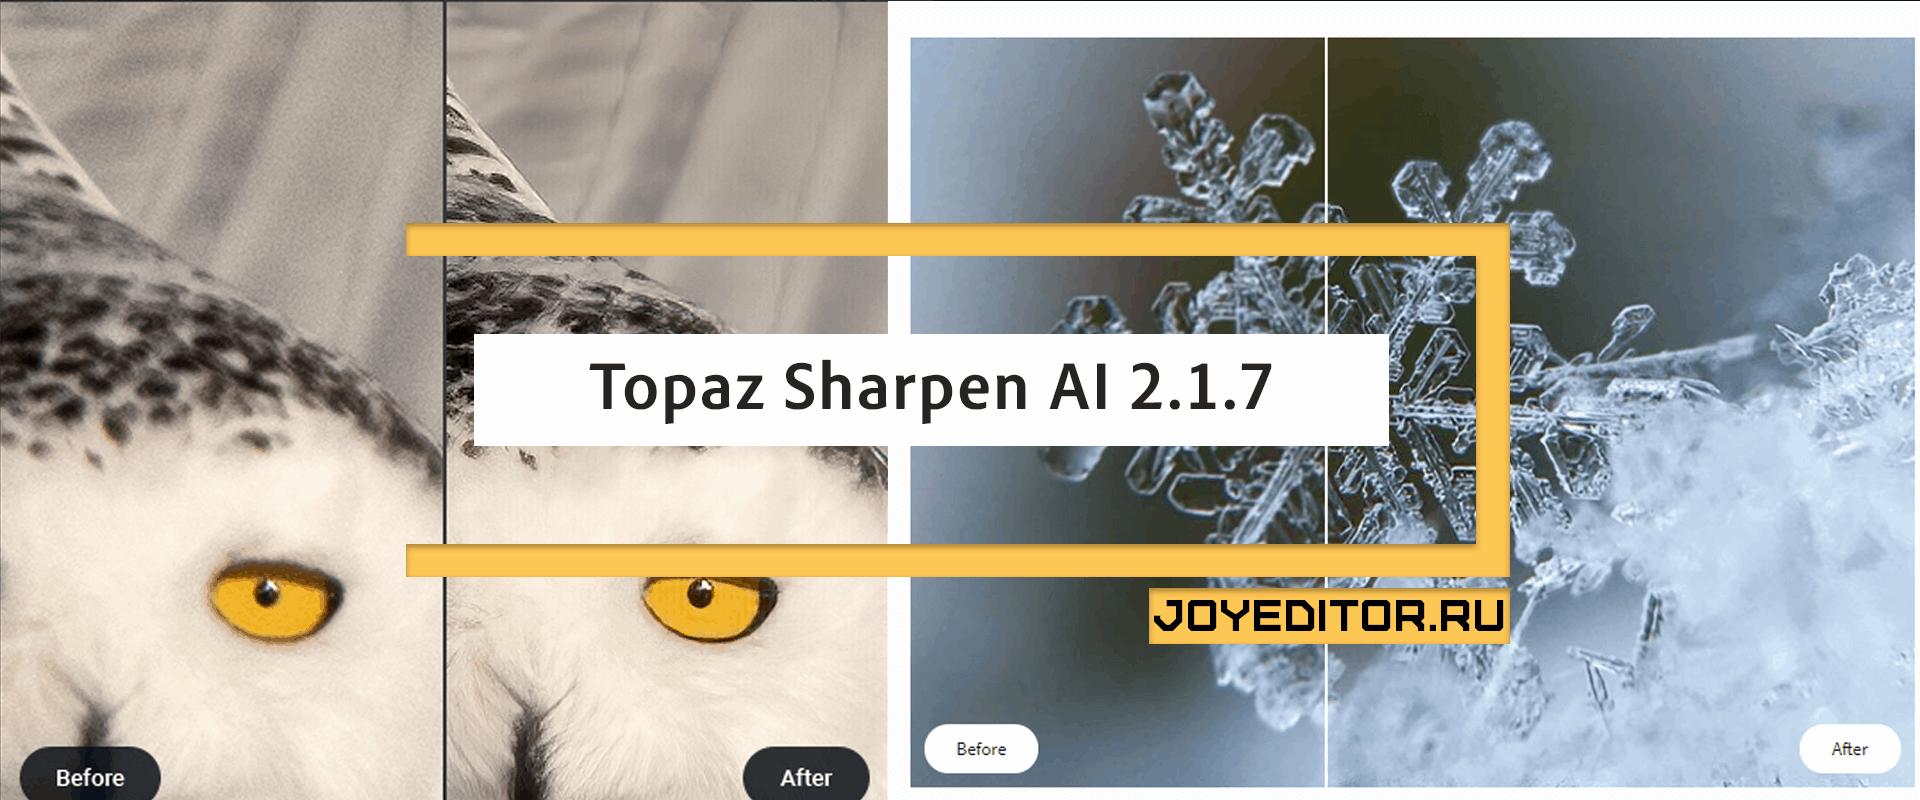 Topaz Sharpen AI 2.1.7